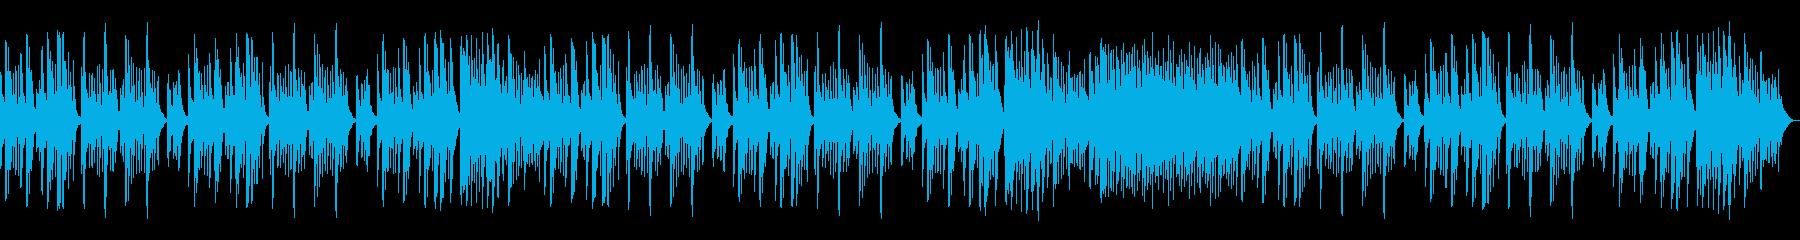 少しダークで冷たい響きのマリンバの再生済みの波形